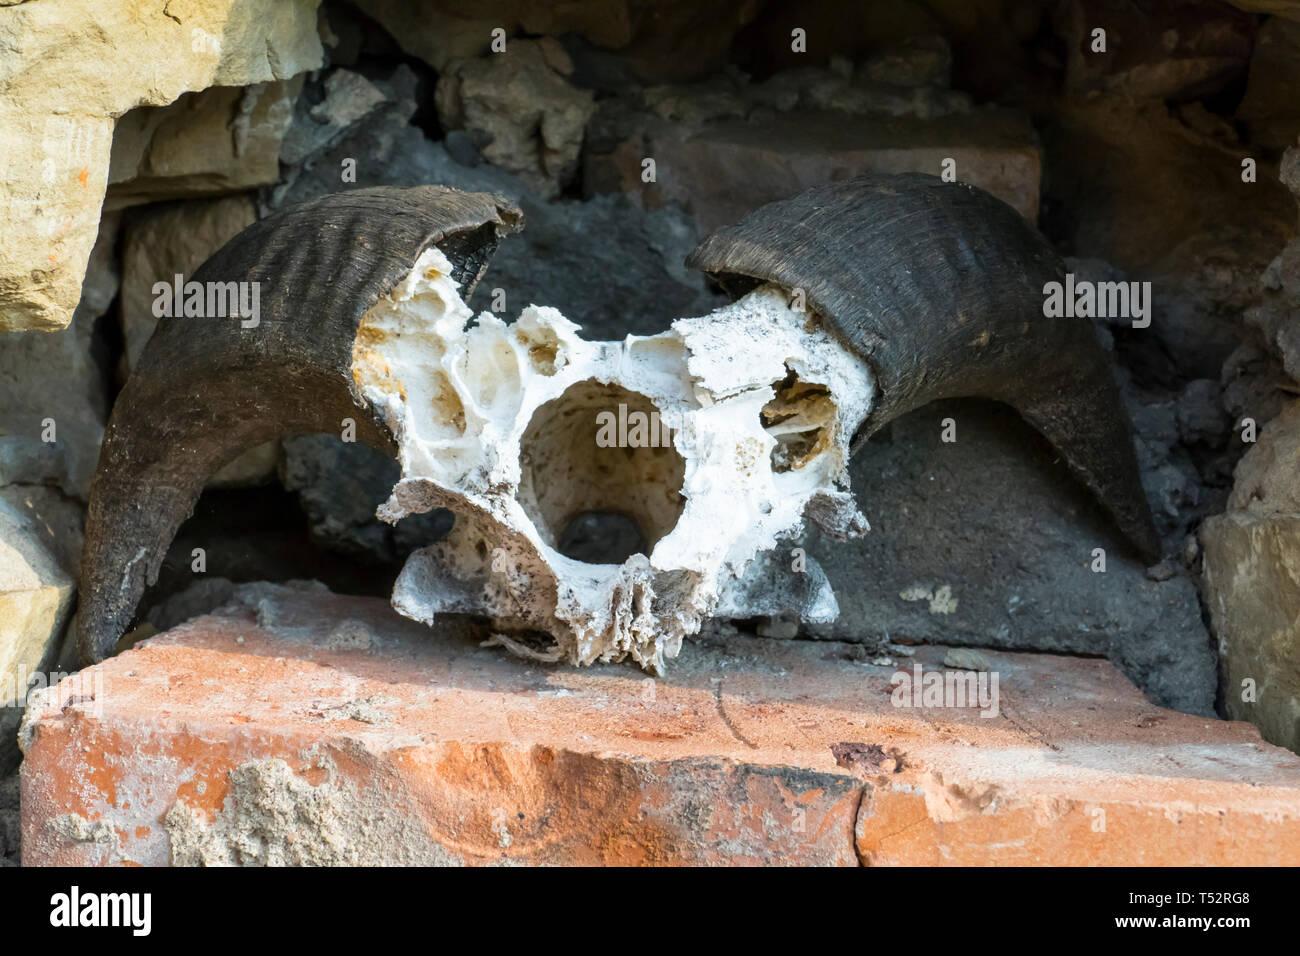 Schädel, skelett einer Ziege, mit großen, gebogenen Hörner, hängt an einer Mauer Stock Photo